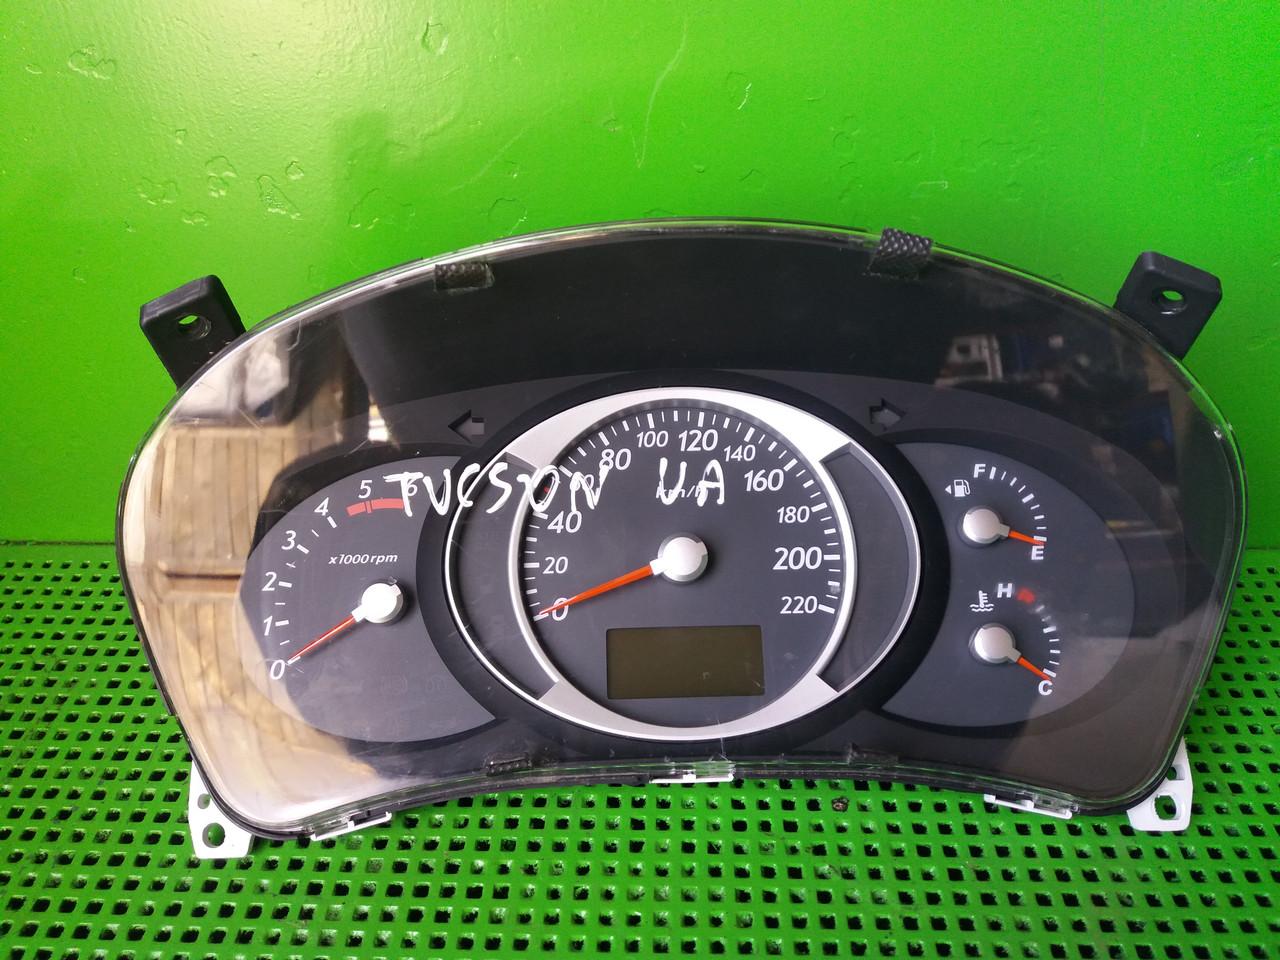 Б/у панель приладів/спідометр/тахограф/топограф для Hyundai Tucson 2008 p. 2.0 CRDI L42 CGZ 94023-2E420 11001-